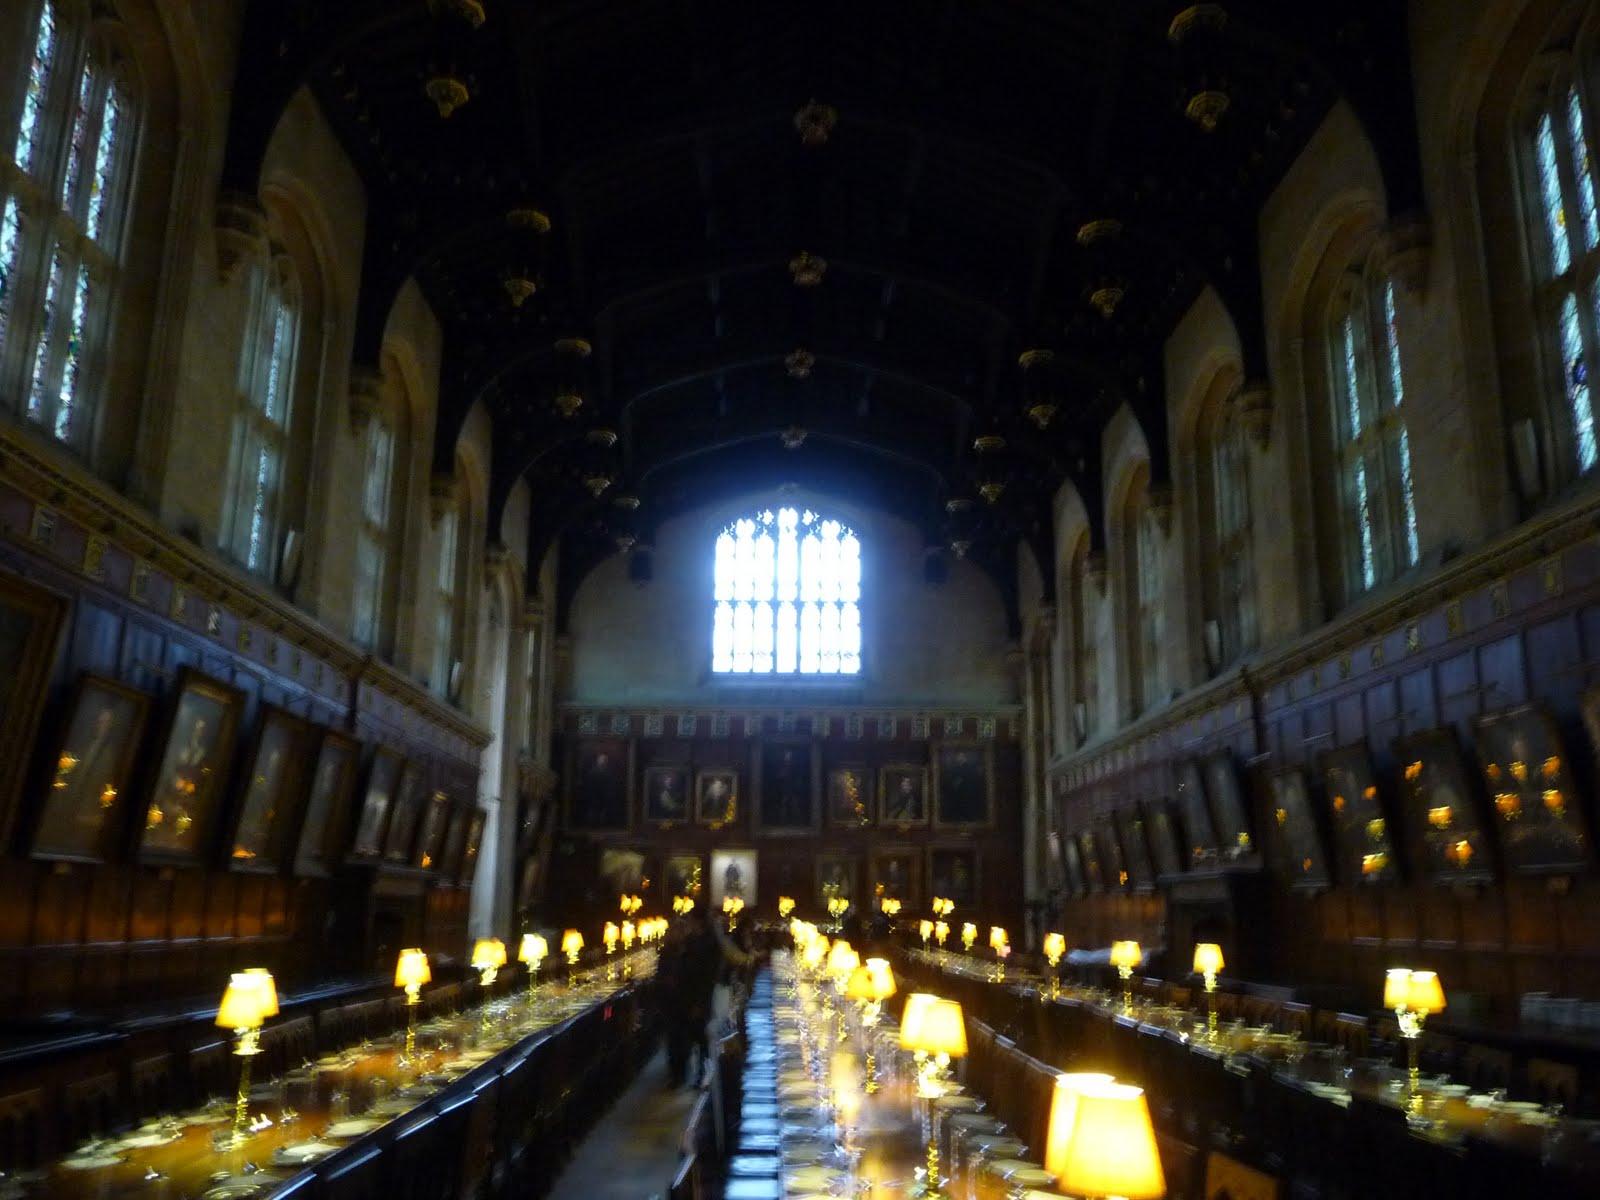 Fantastic Wallpaper Harry Potter Dining Hall - Oxford+291  2018_808927.JPG